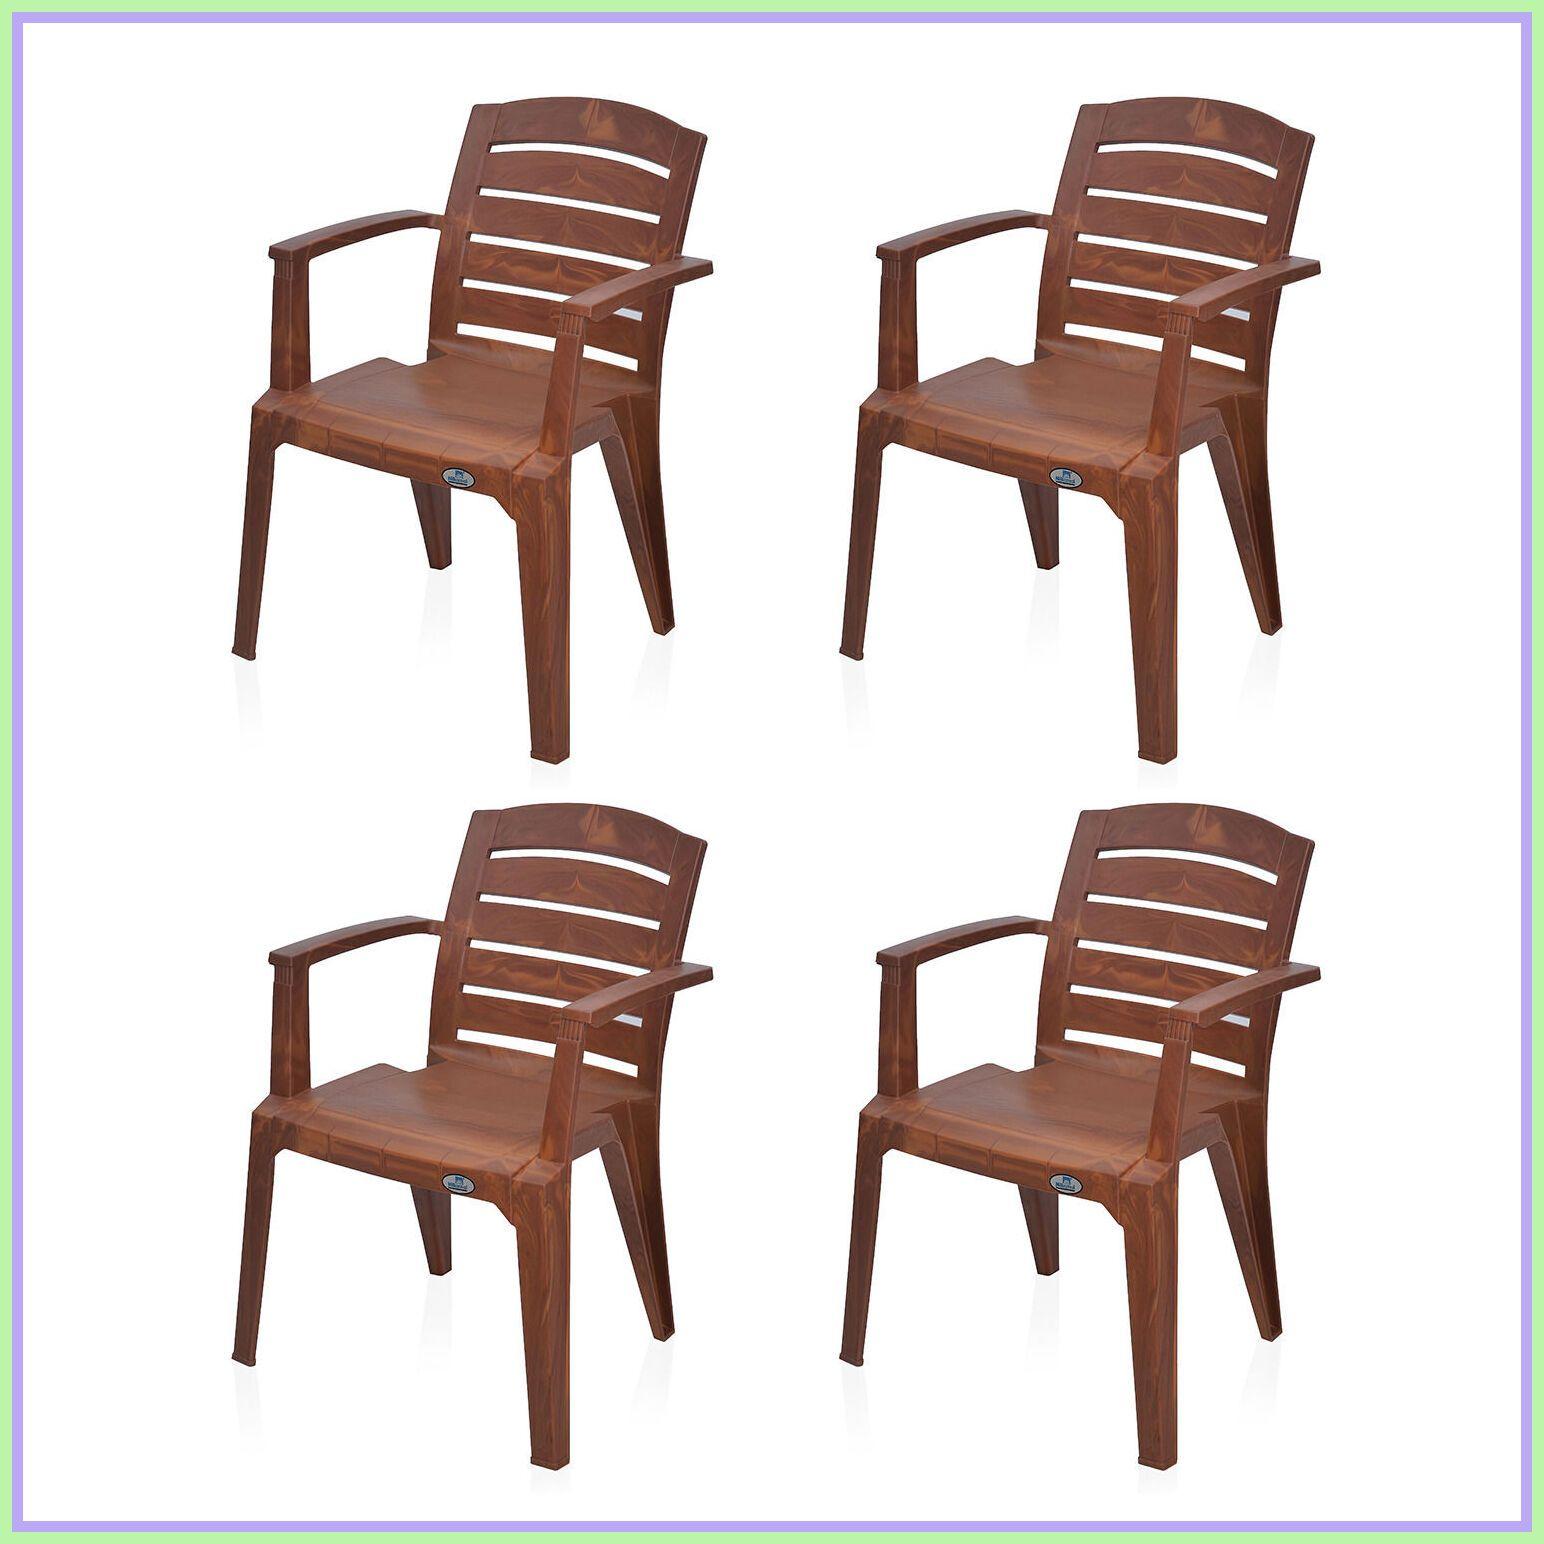 62 Reference Of Nilkamal Plastic Chair Garden In 2020 Plastikstuhle Gartenstuhle Stuhle